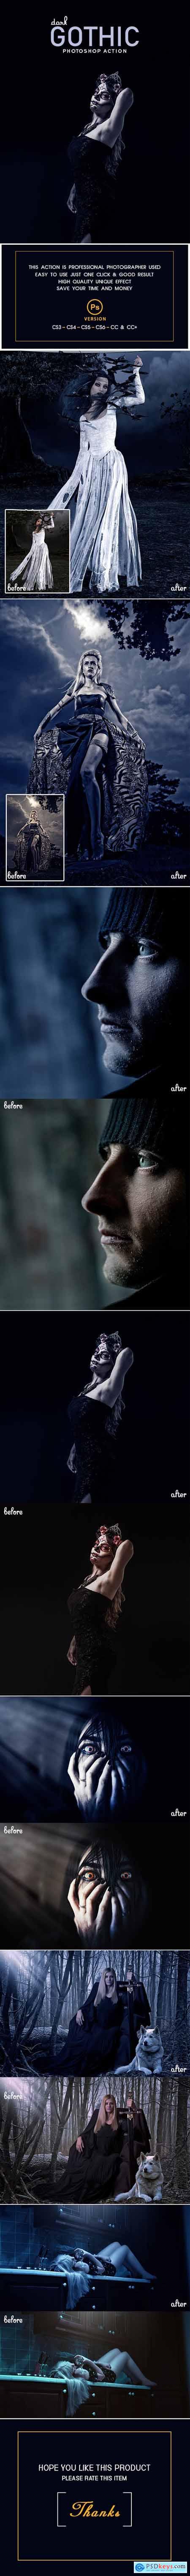 Dark Gothic Photoshop Action 23030478